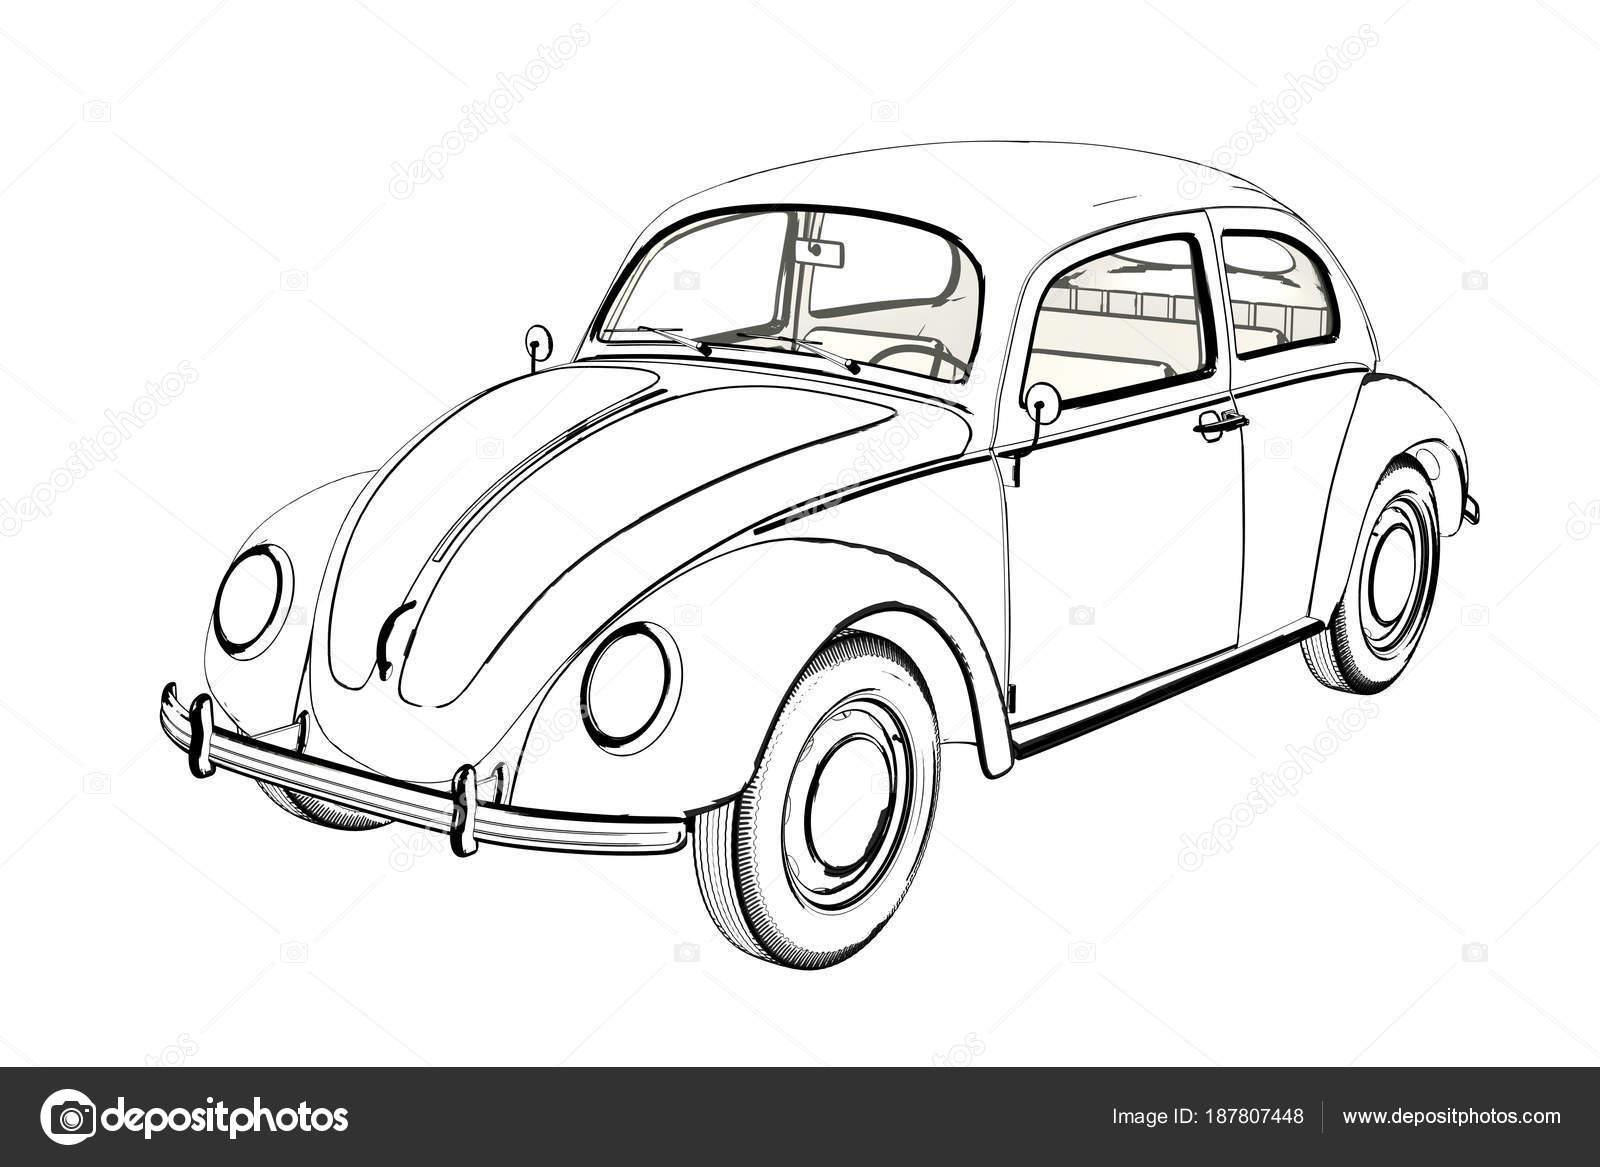 volkswagen beetle ilustra u00e7 u00e3o stock ilustra u00e7 u00e3o de pequeno